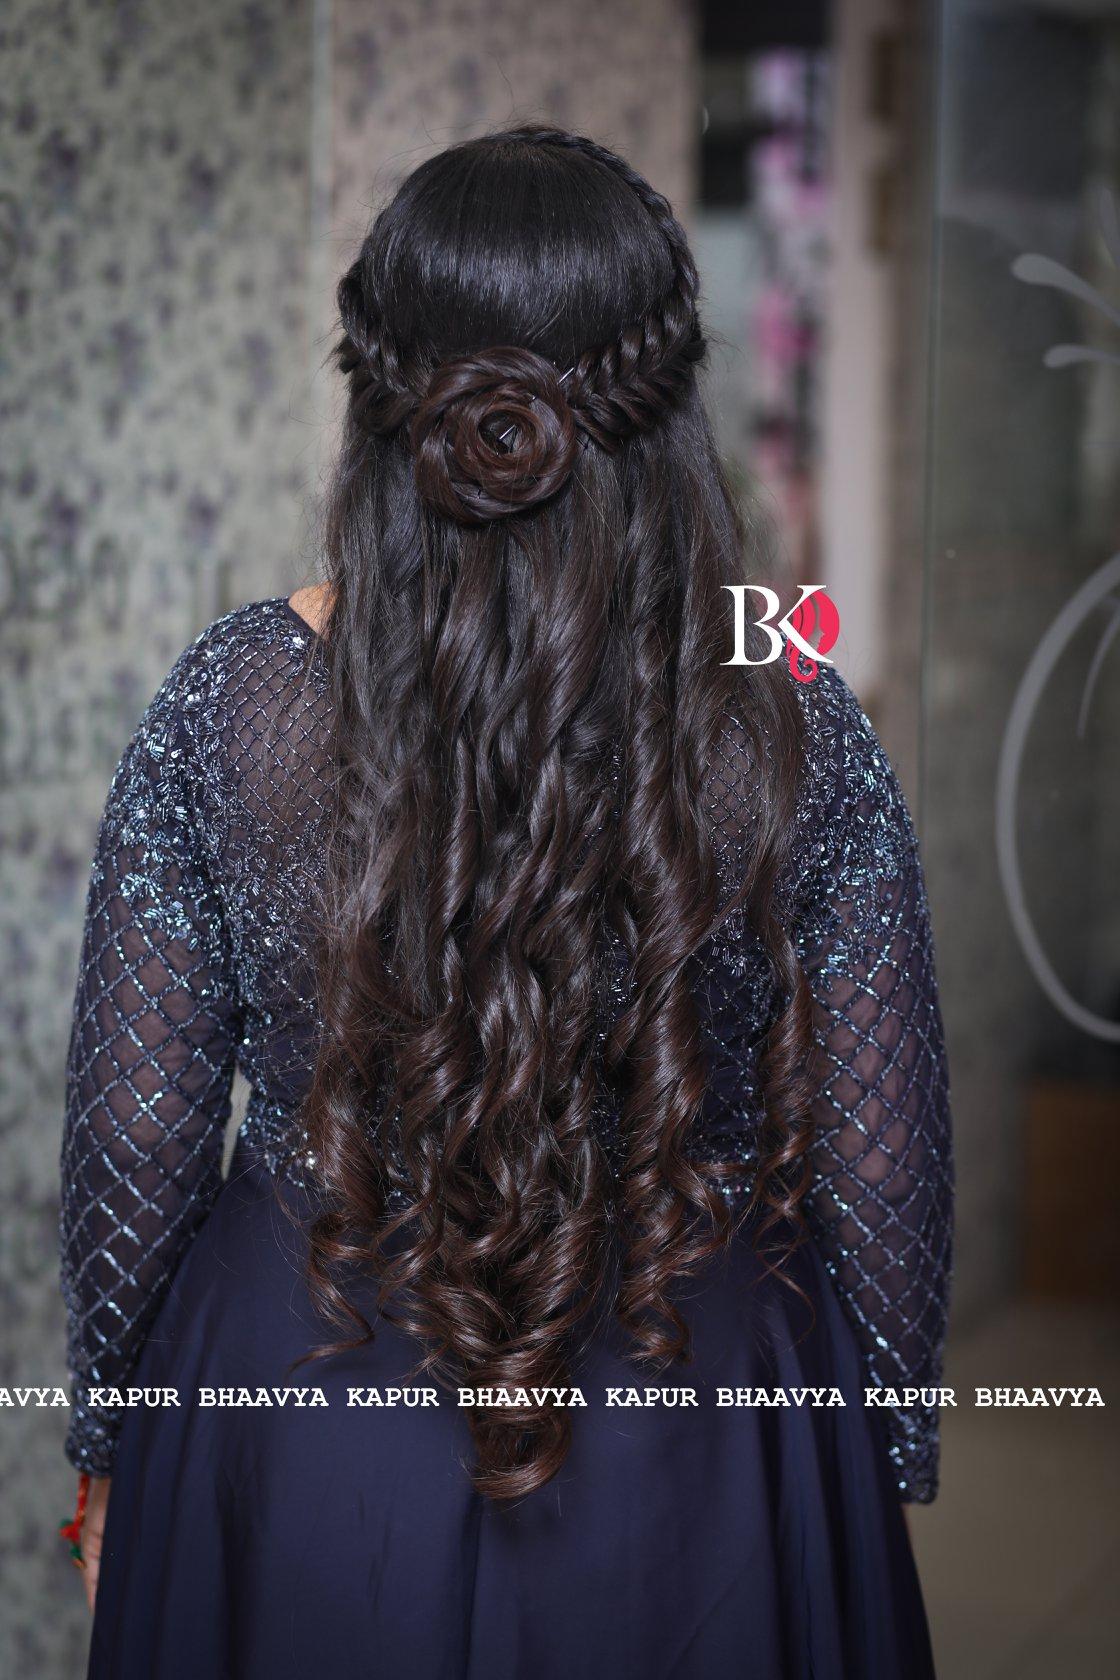 Bk hair feb